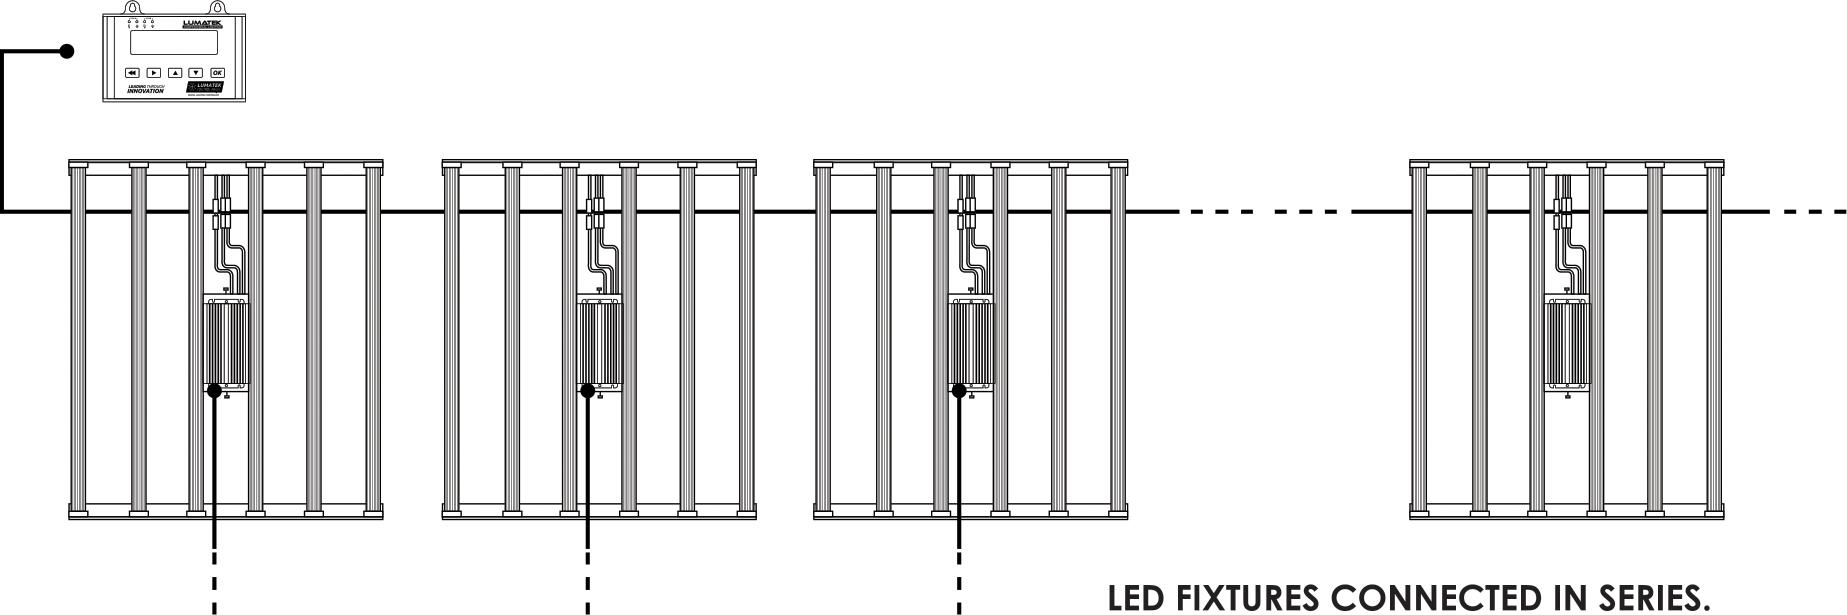 Schaltbild Leuchten in Reihe